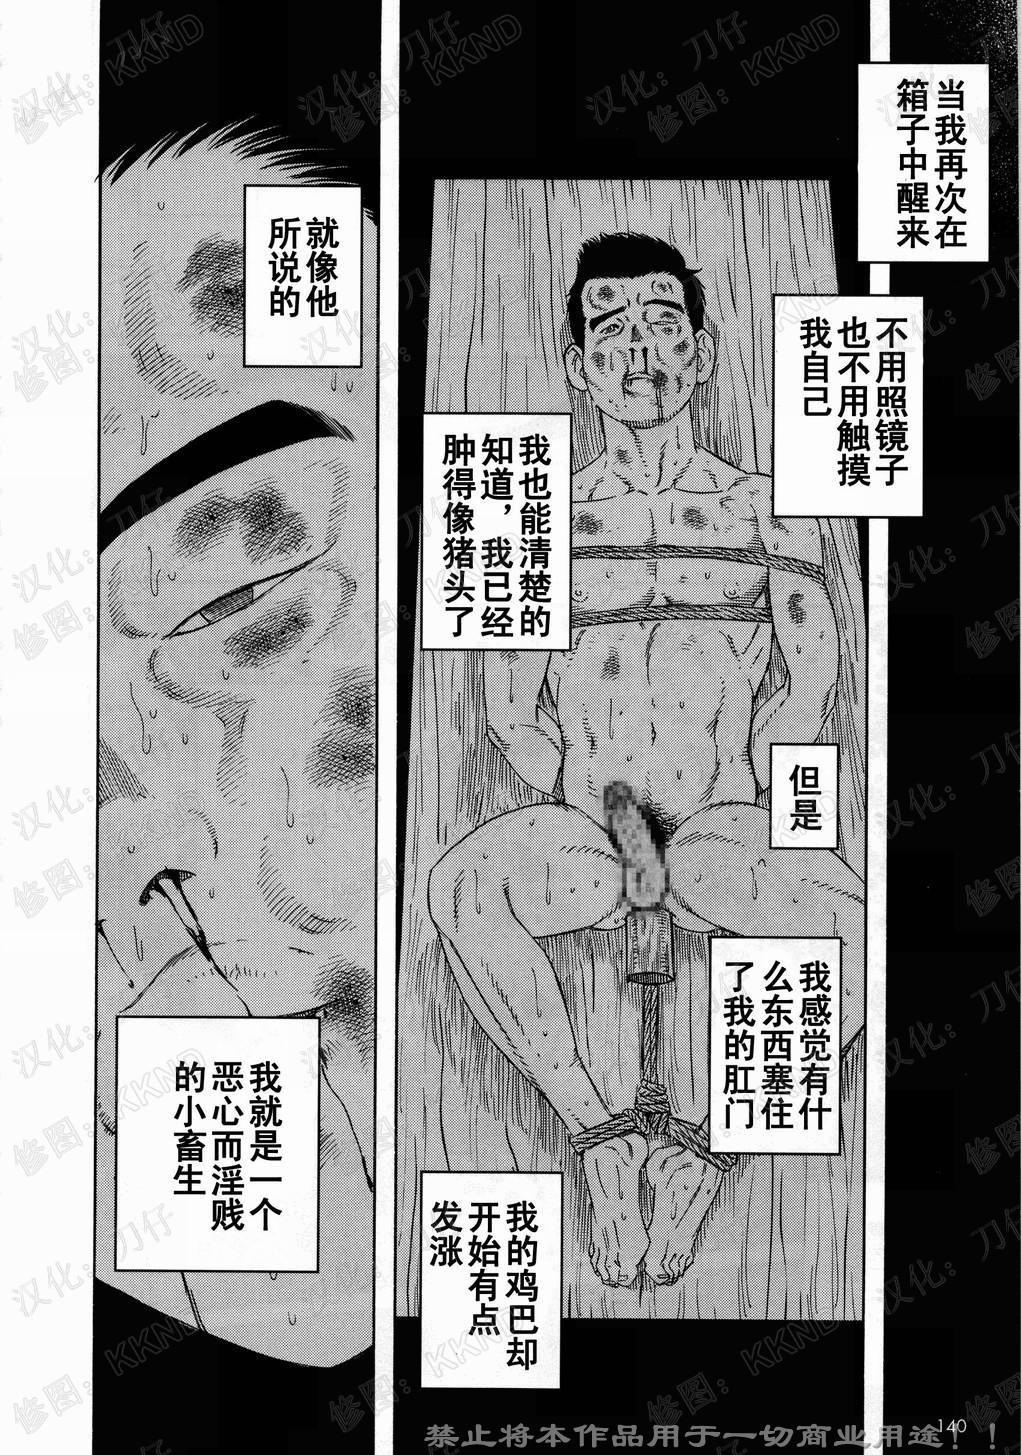 Nagamochi no Naka 41